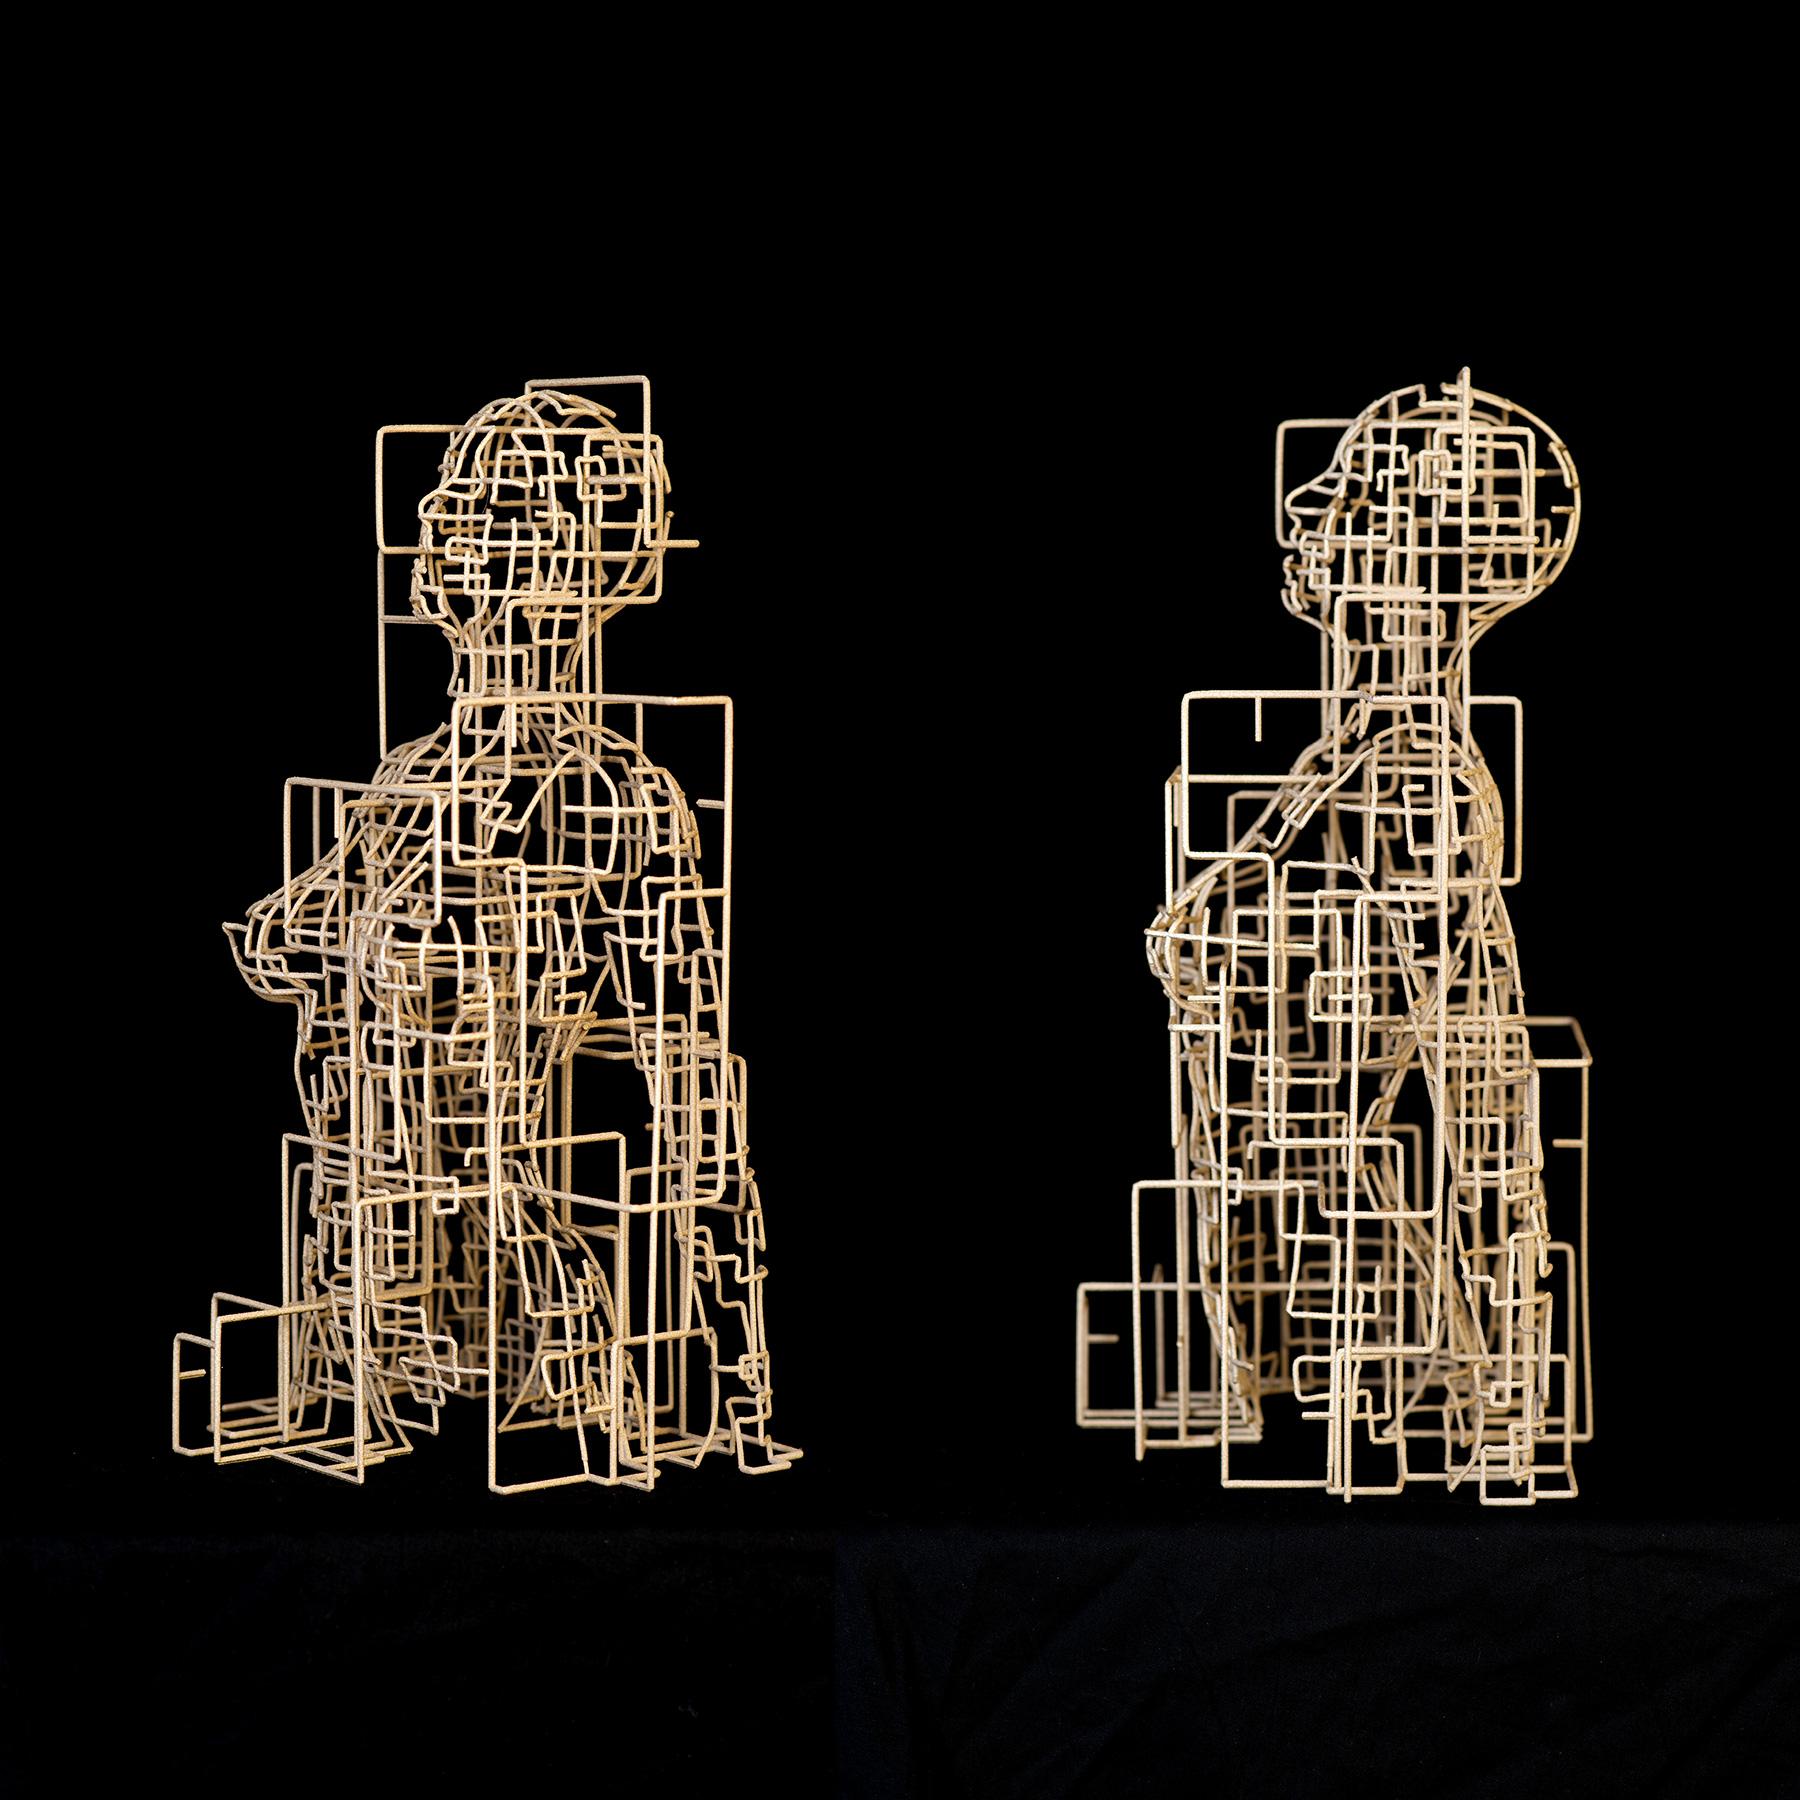 Bonzanos A.G., Metropolis, Scultura in filo SLS Duraform, realizzata con stampante 3D, 40x23x18,5 cm, 2017.